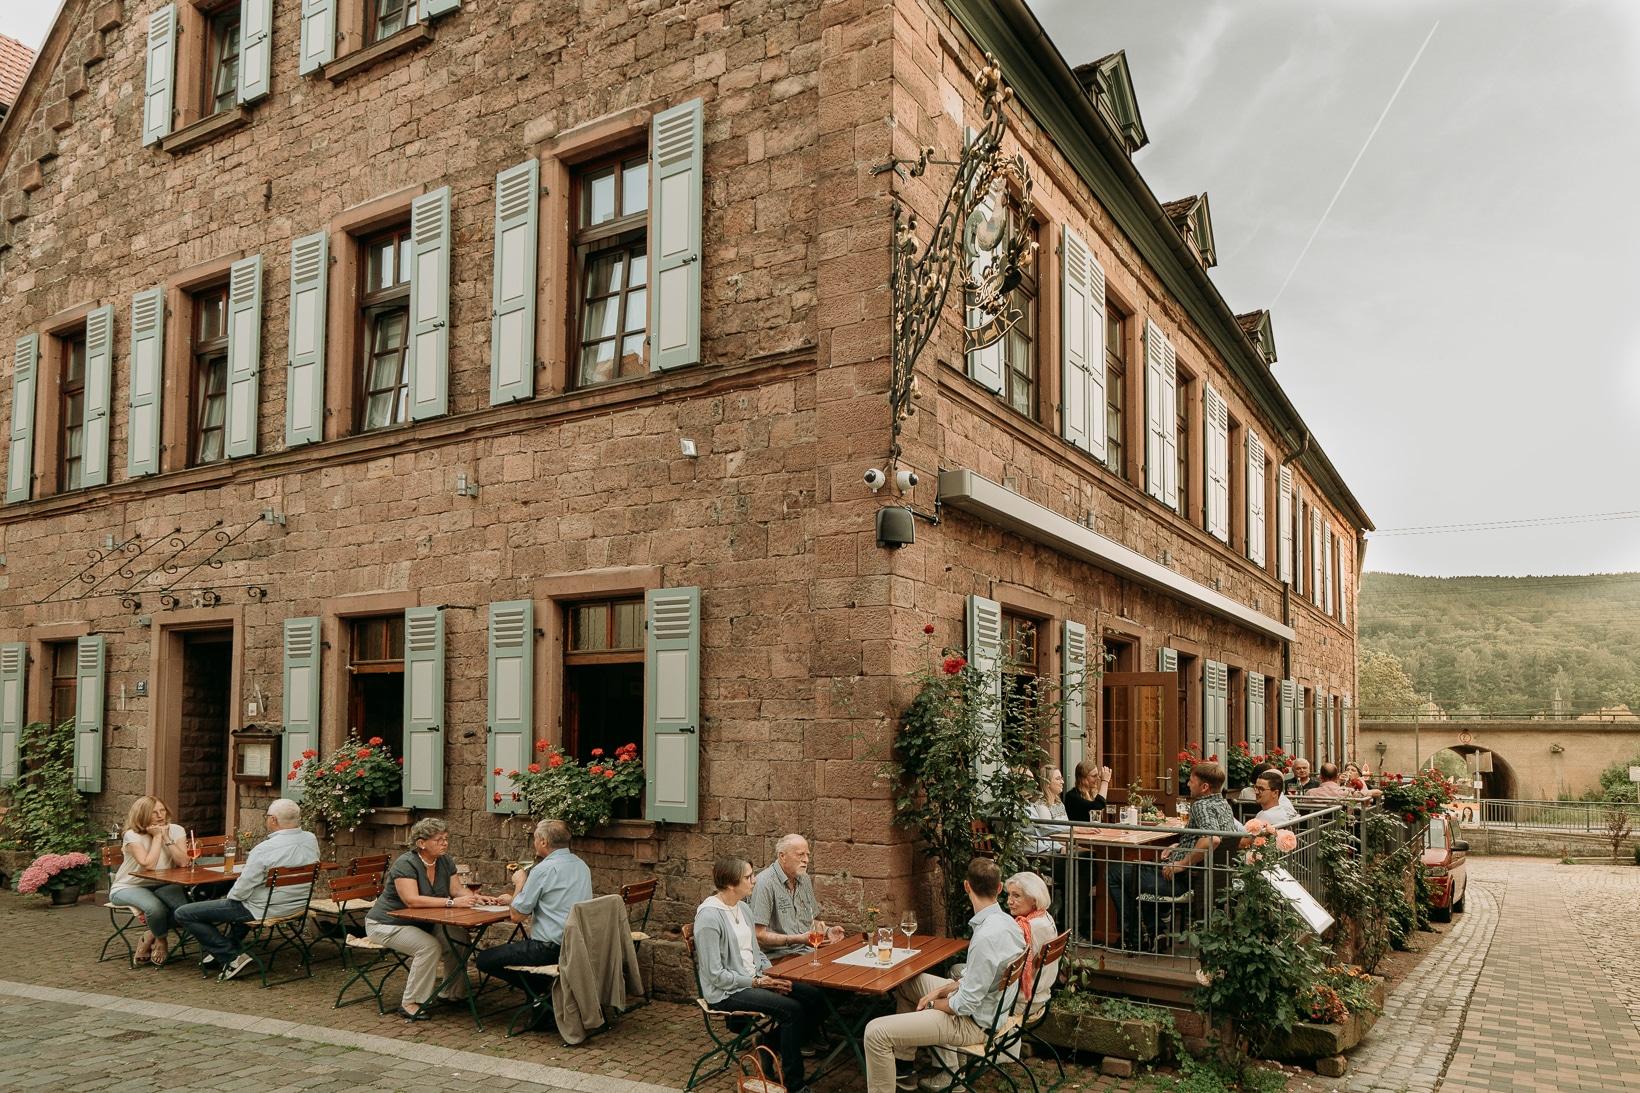 Biergarten und Überdachbare Seitenterasse mit Außenplätzen in Gemünden am Main